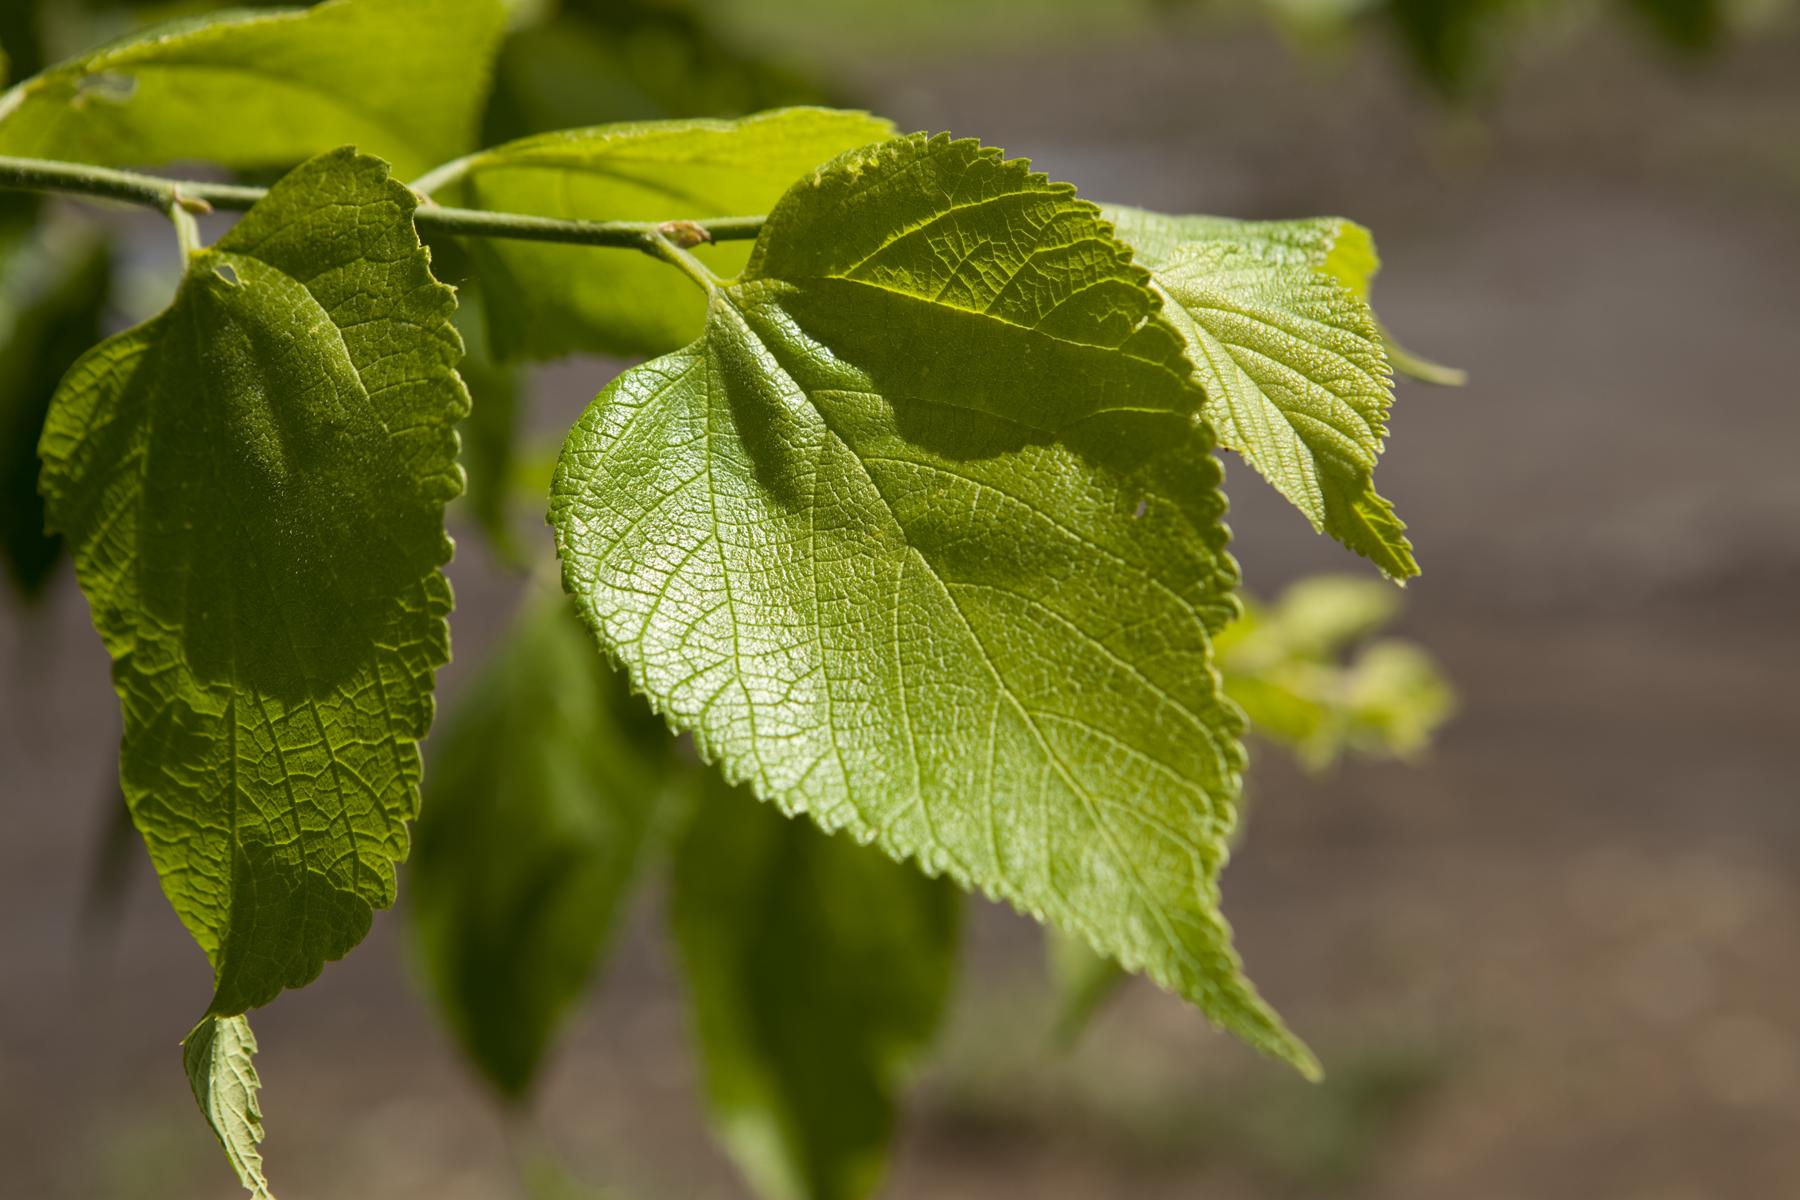 greenspire littleleaf linden tree leaf closeup